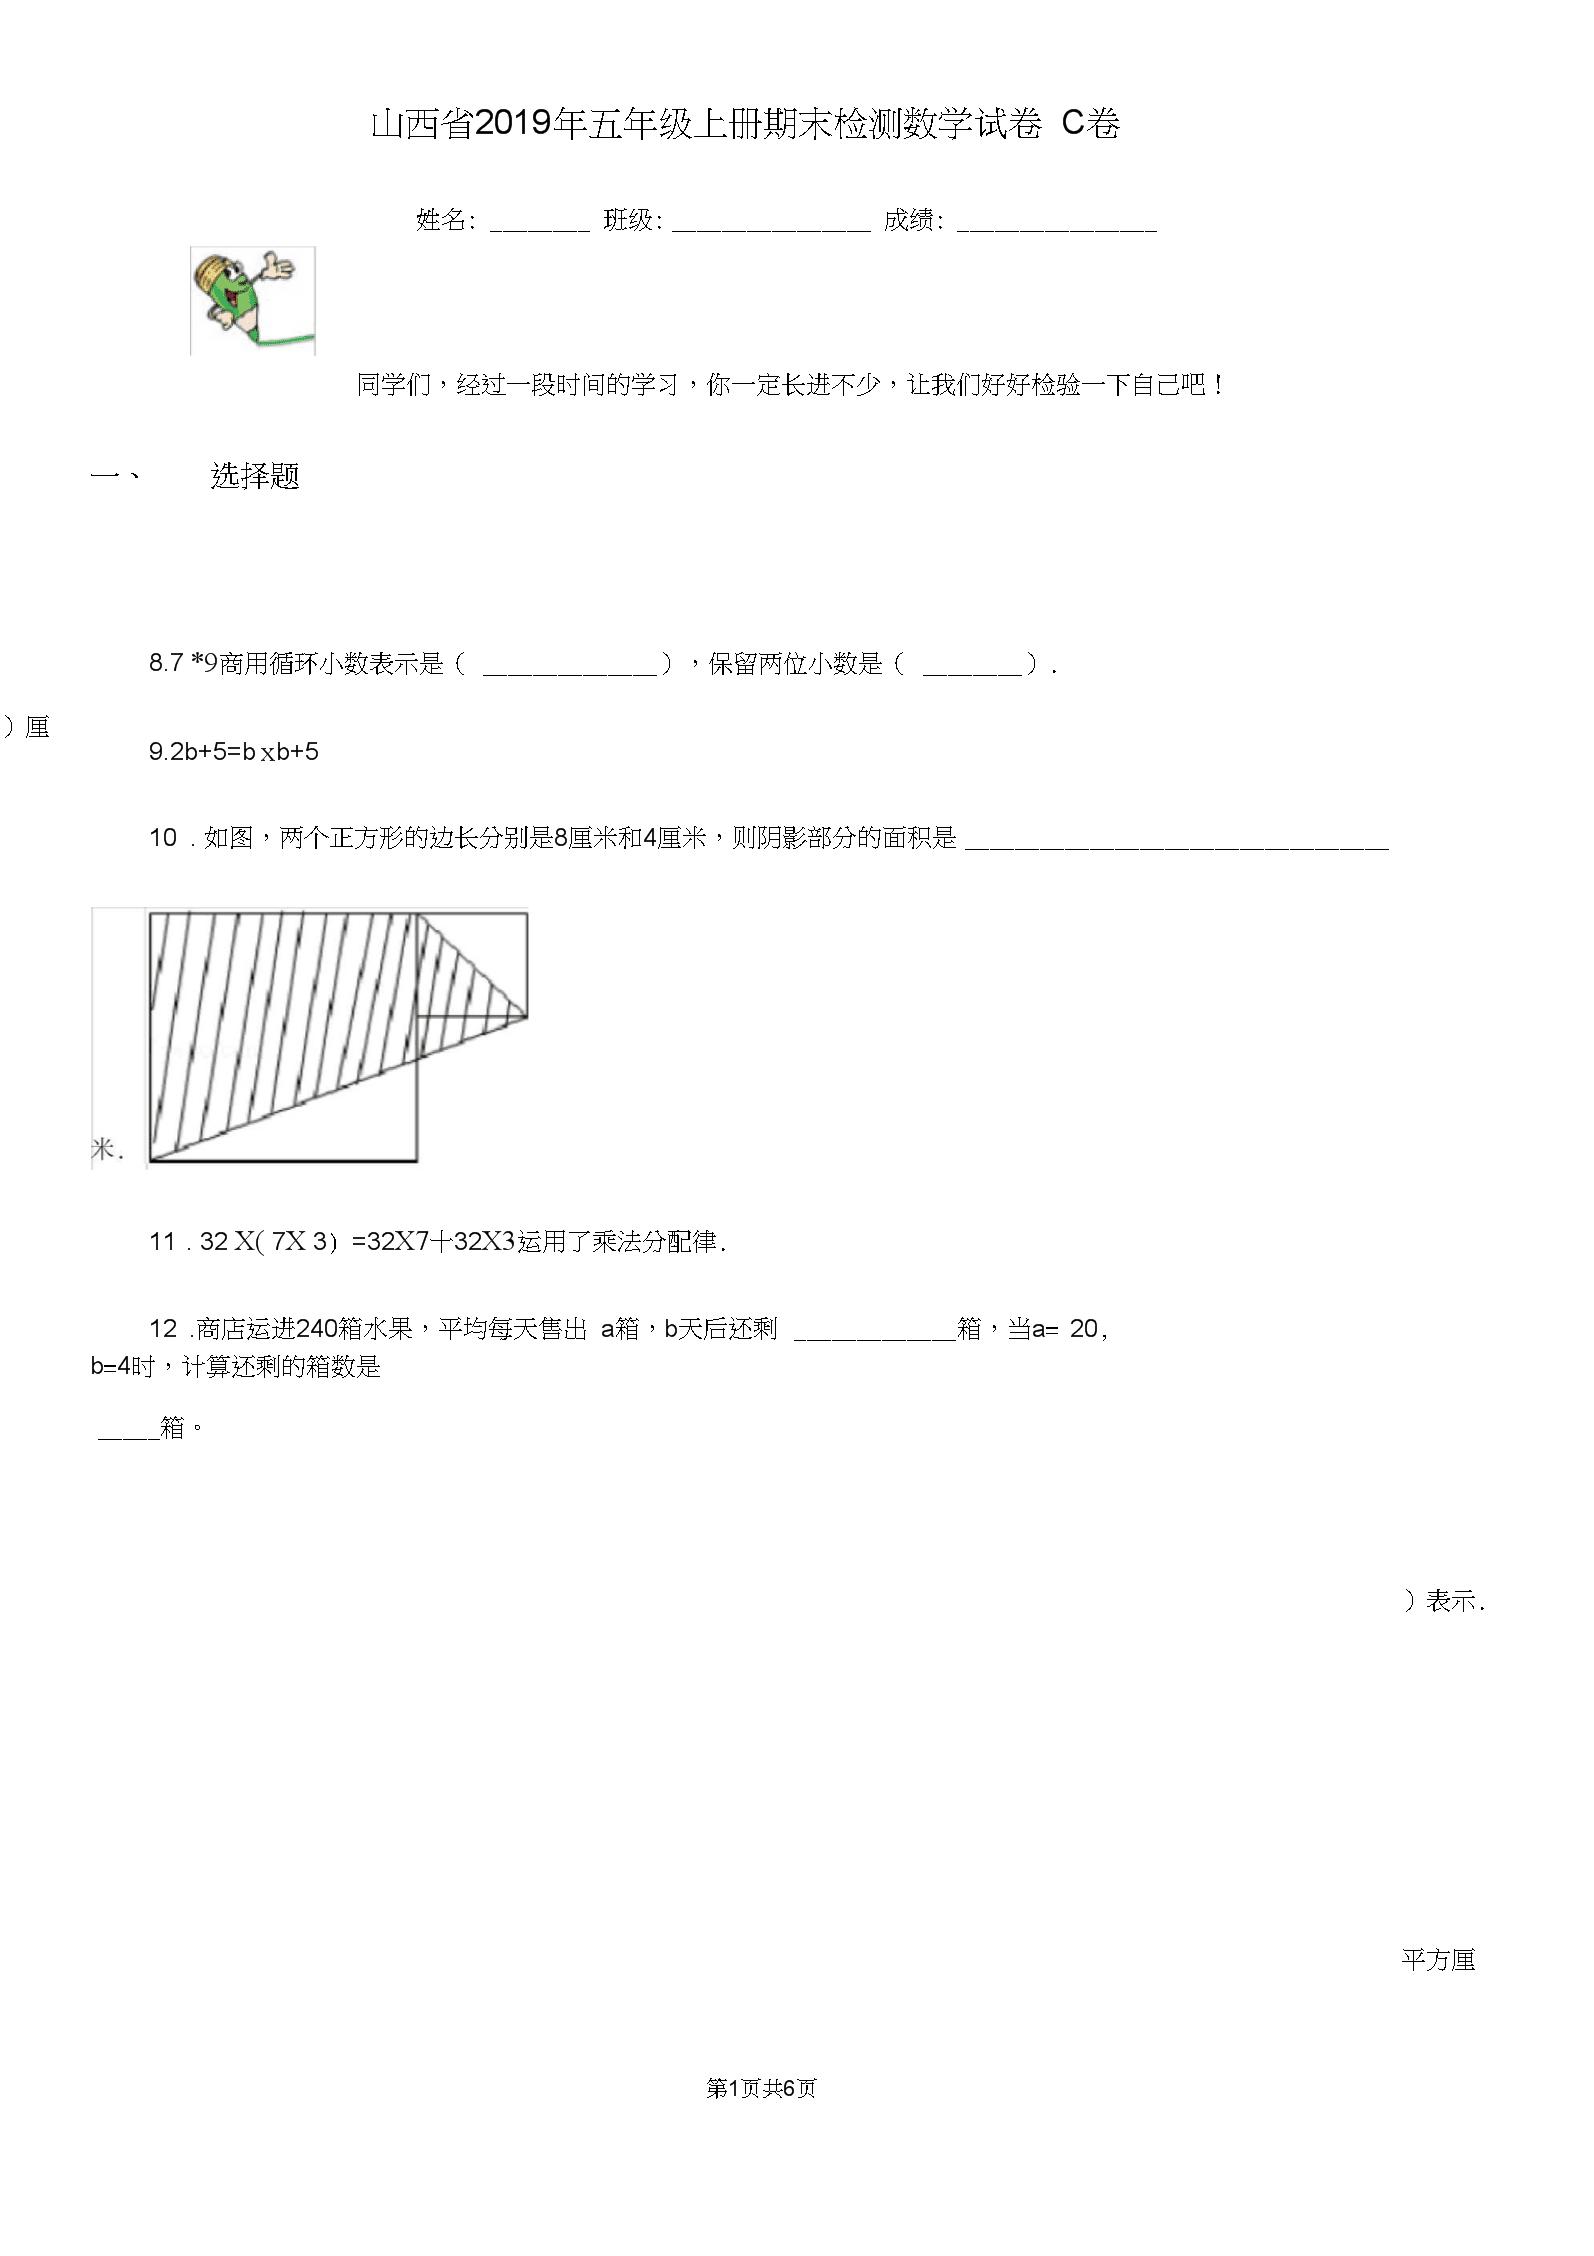 山西省2019年五年级上册期末检测数学试卷C卷.docx